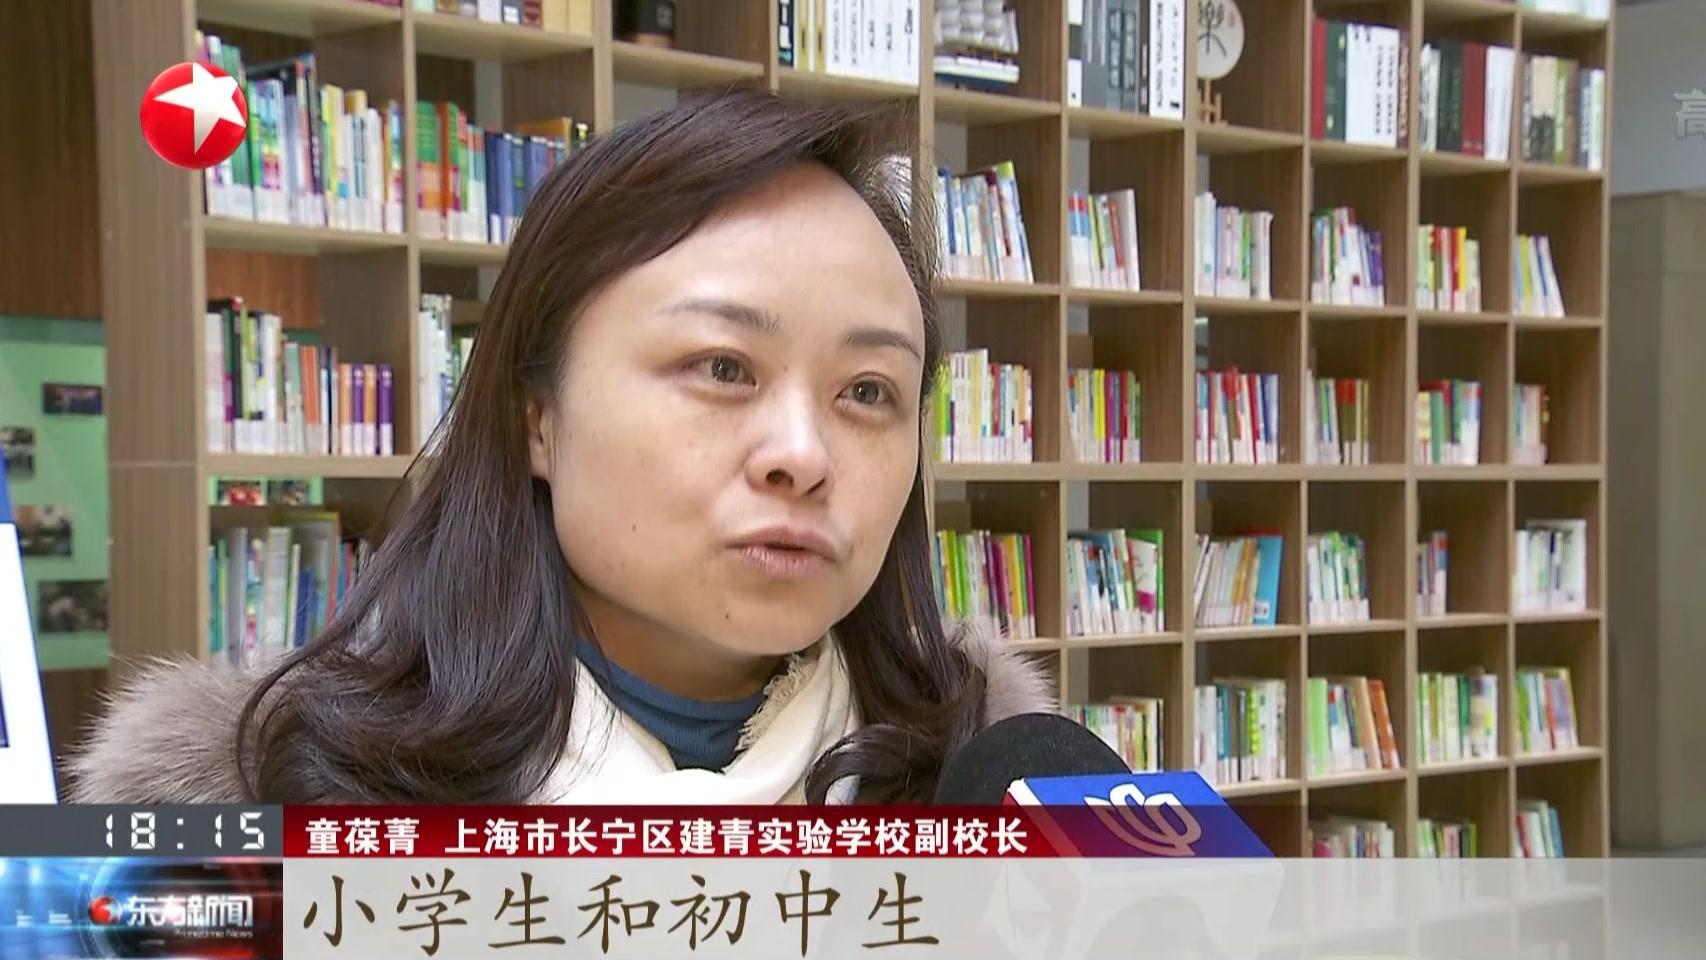 上海建青实验学校:垃圾分类课程覆盖全年龄段  普及环保理念